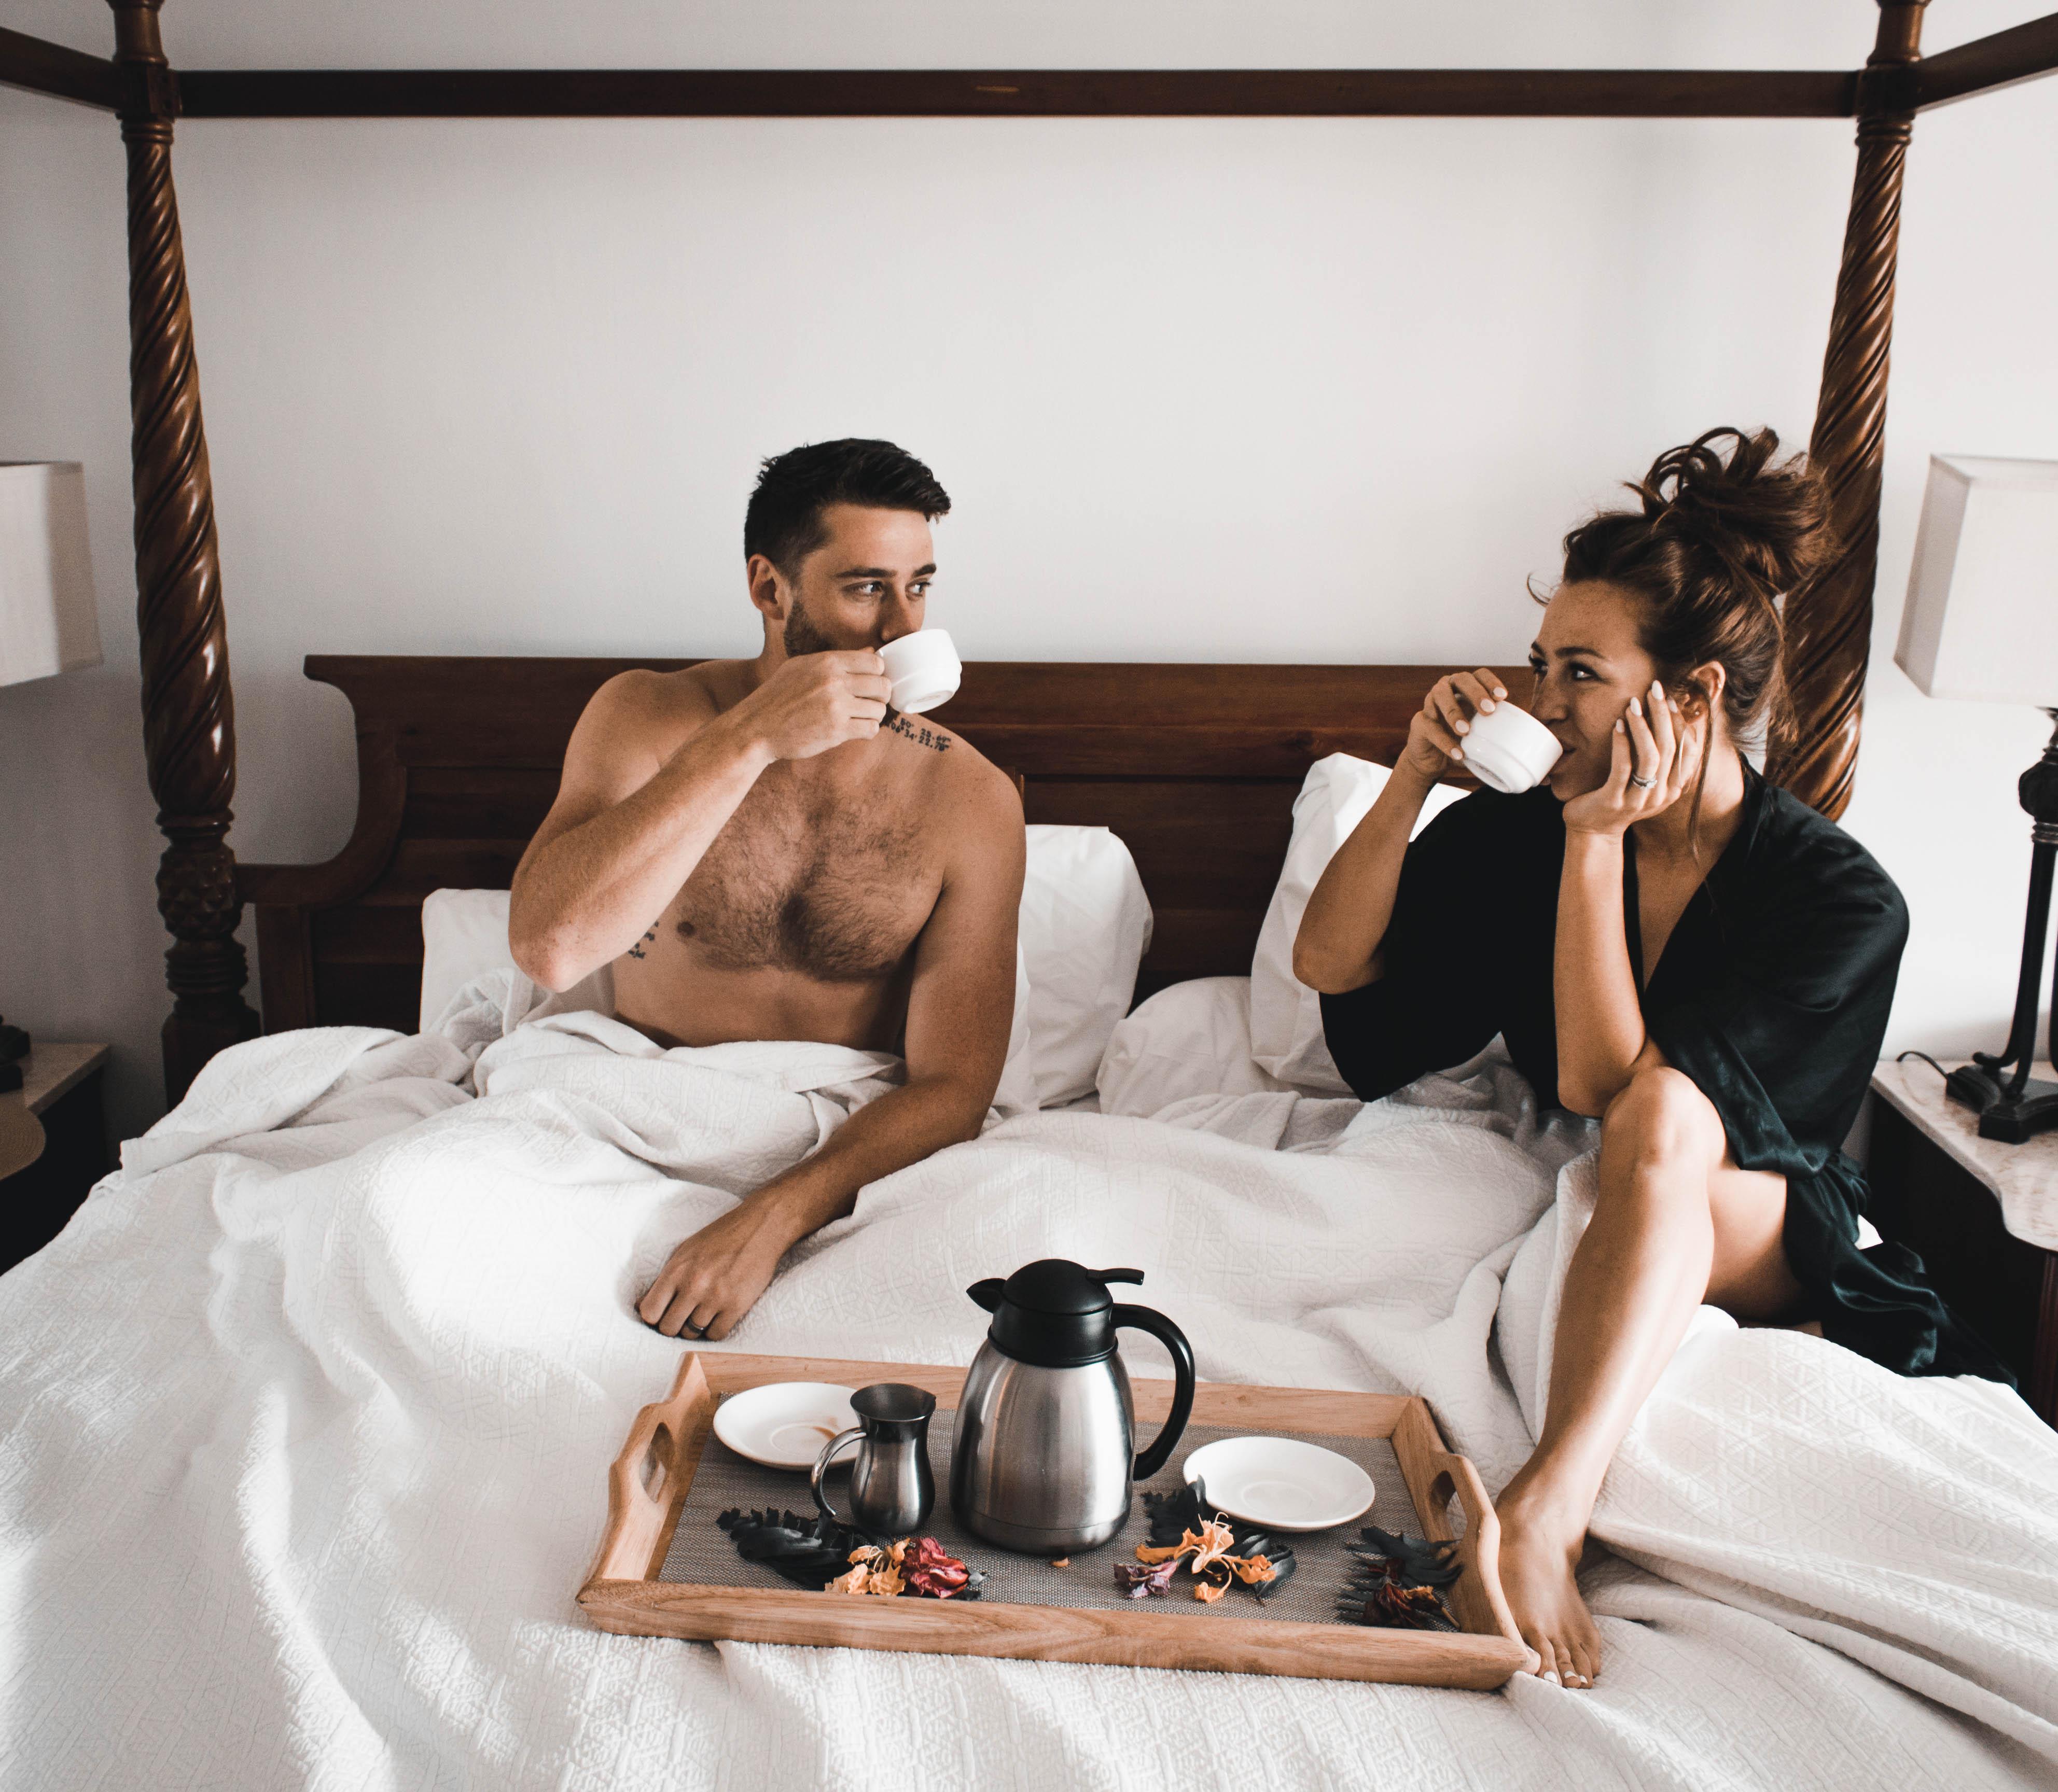 Девушки женщины в постели фото, онлайн порно с очень грудастой мамочкой